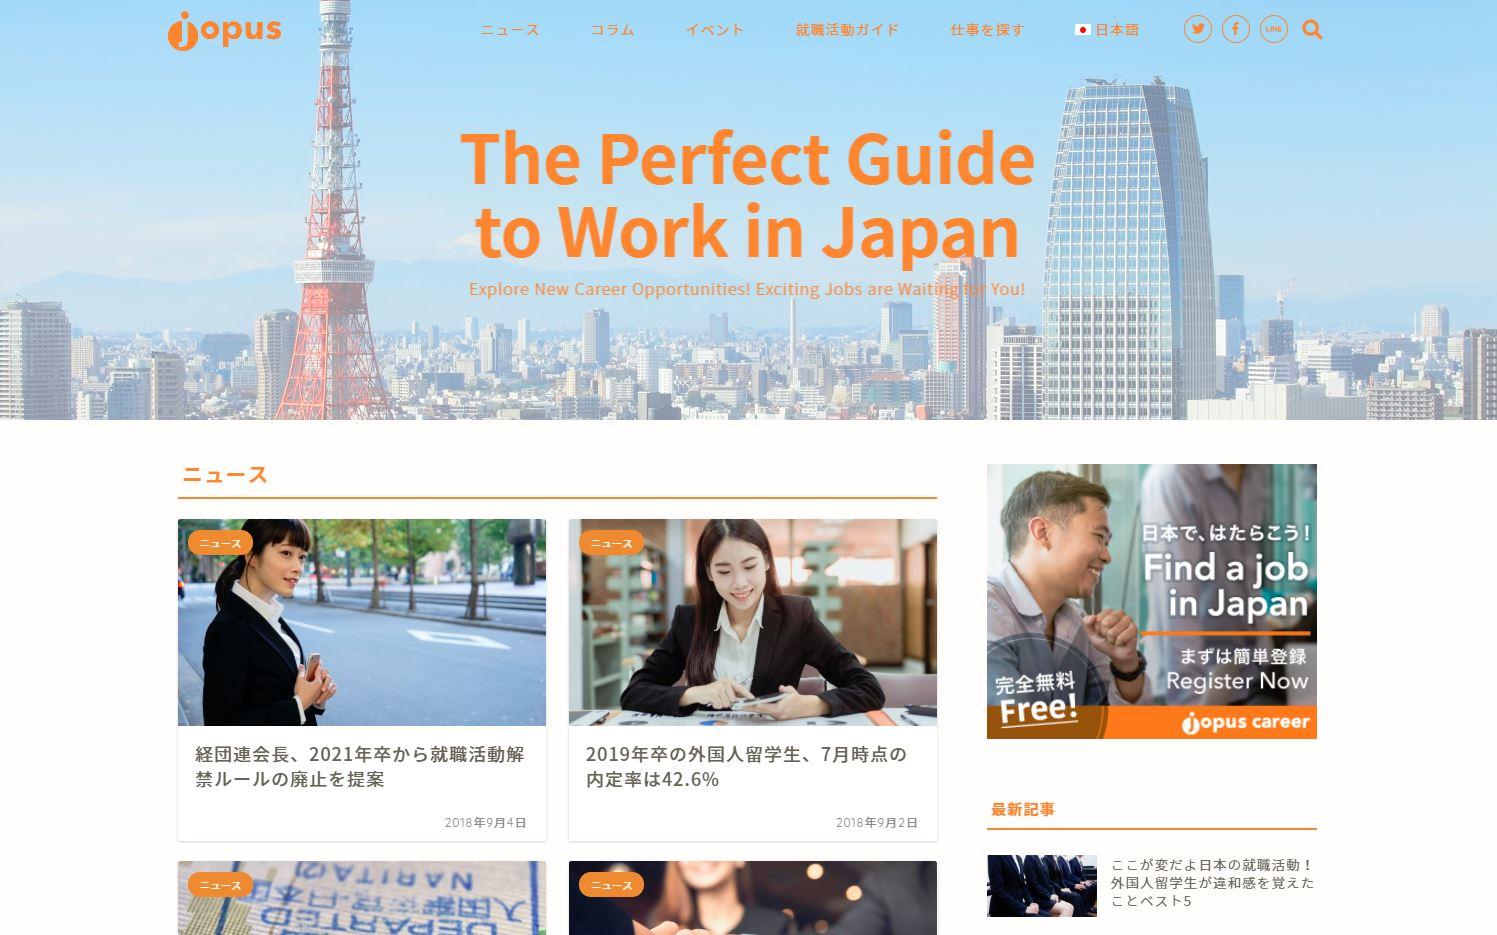 株式会社ゴーリスト、日本で働きたい外国人のための仕事探し応援メディア「jopus」を正式オープン